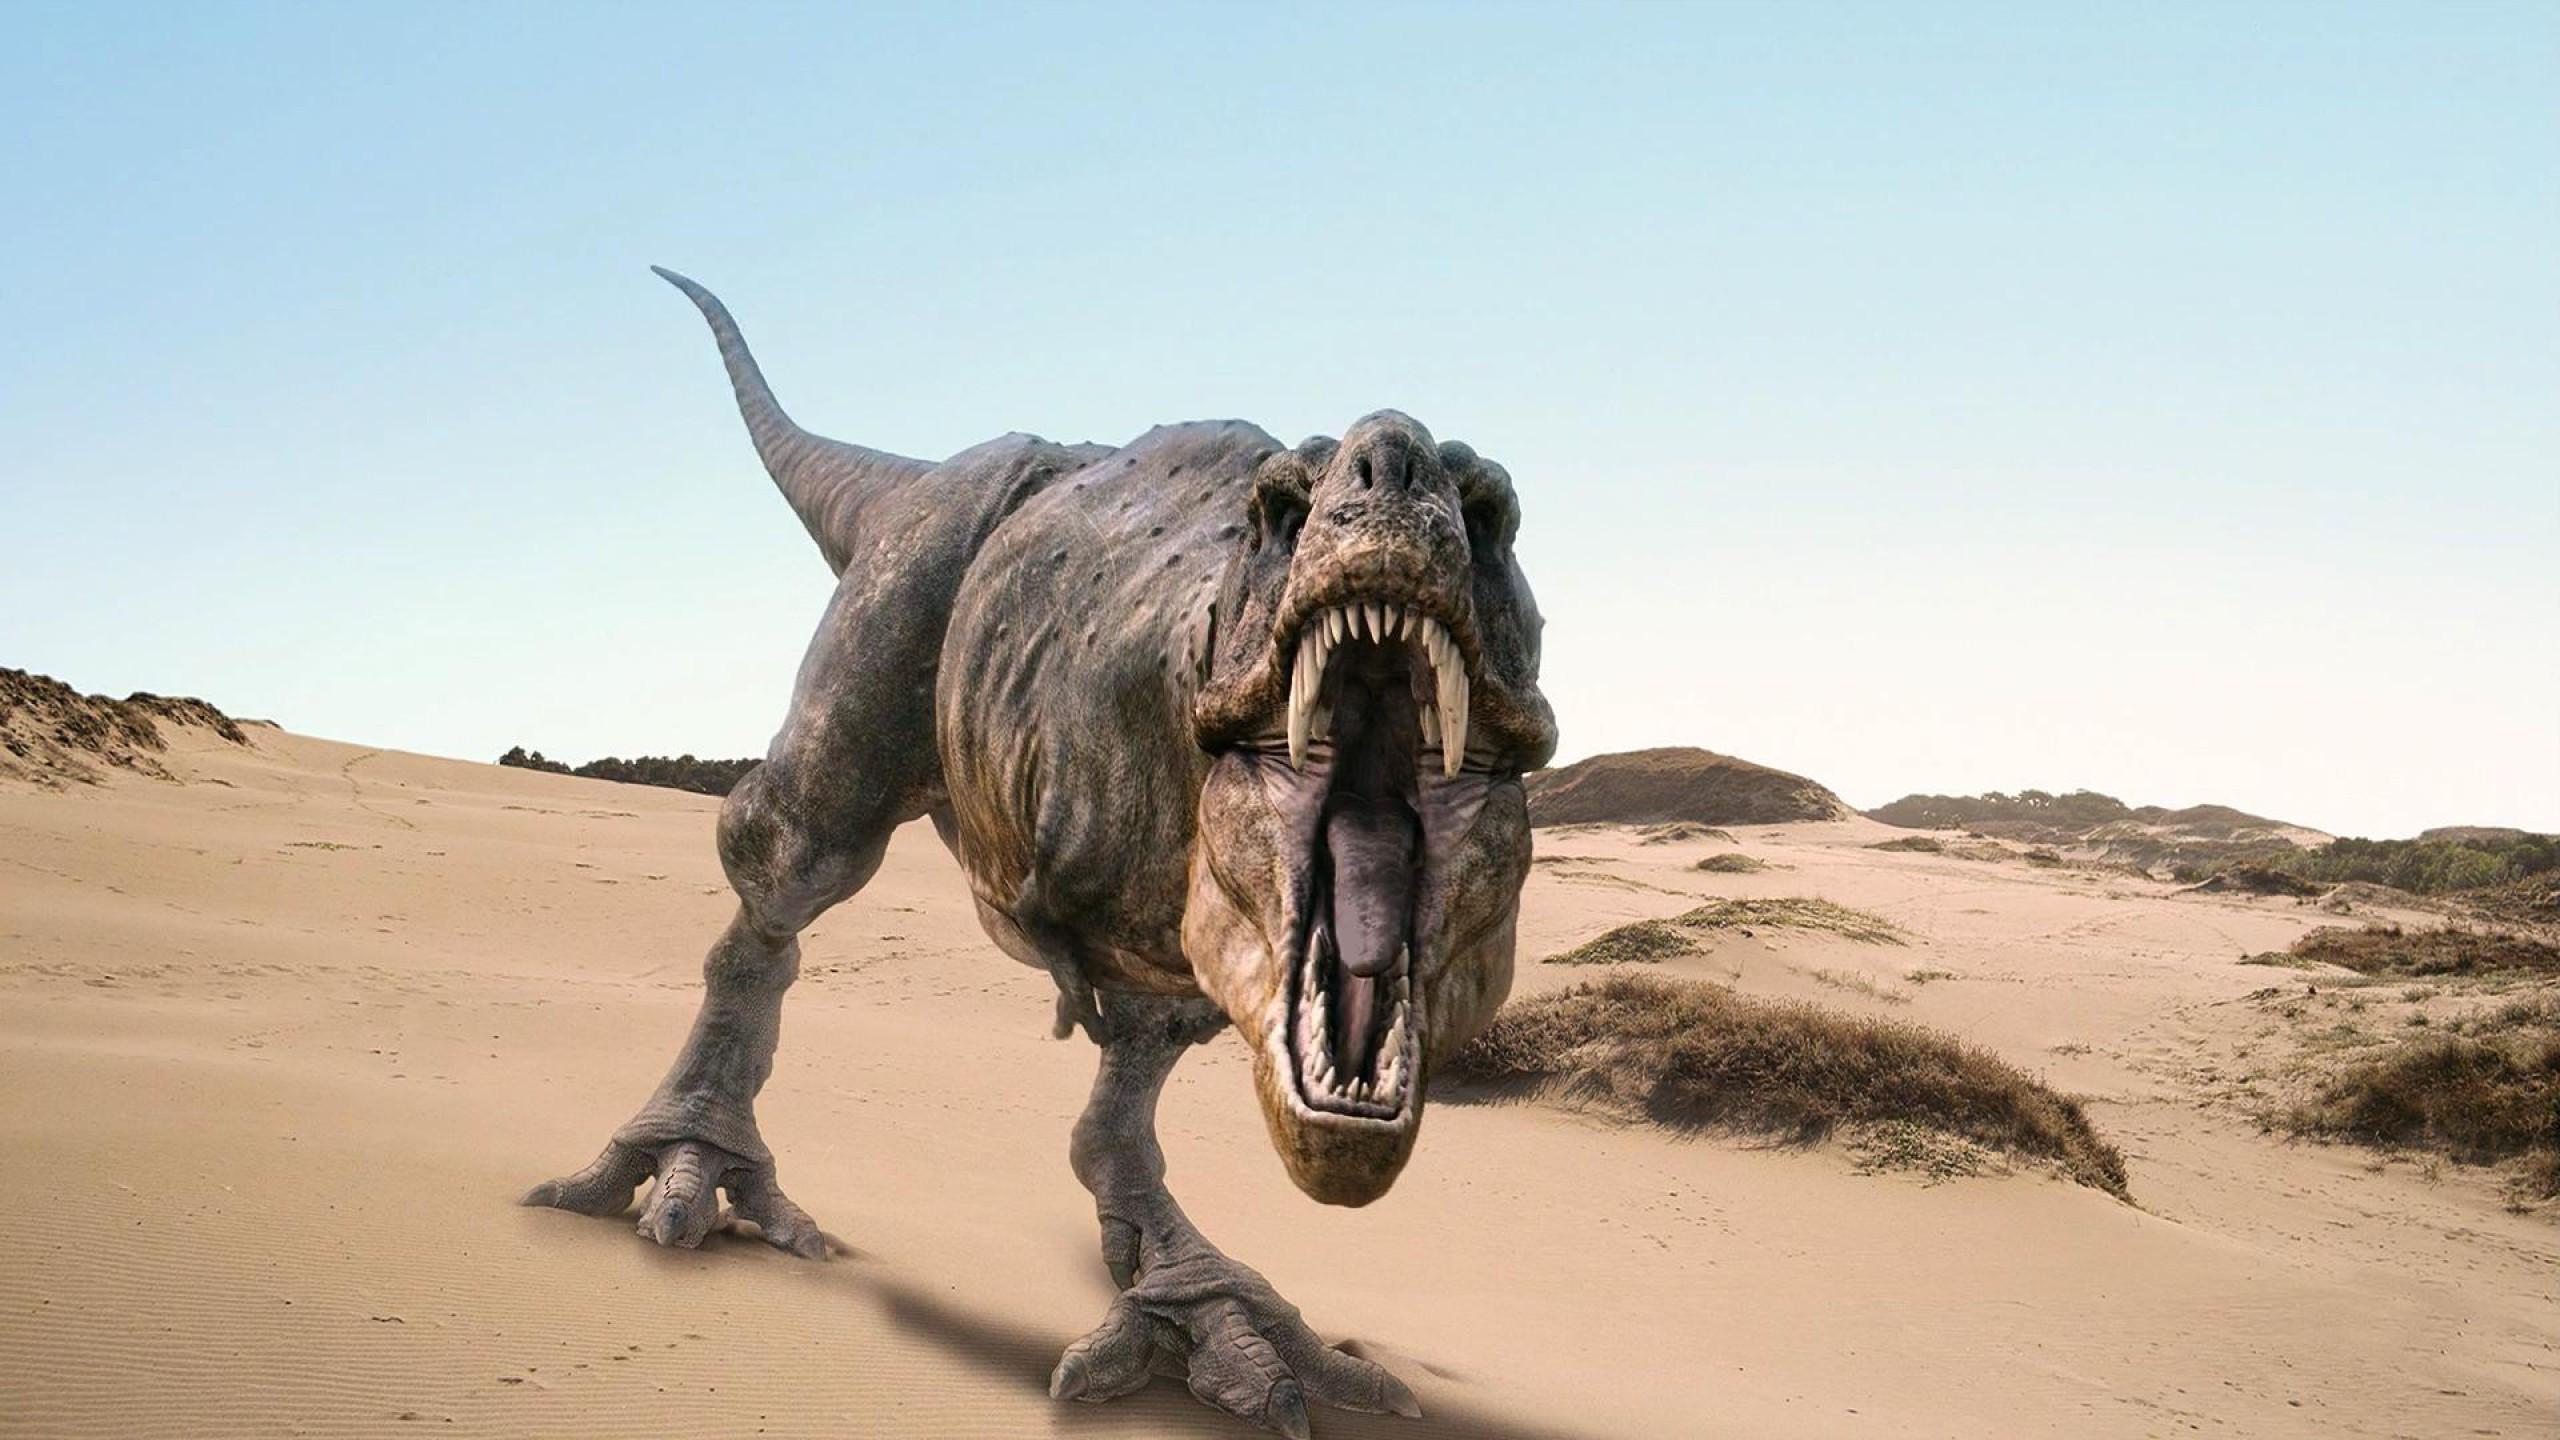 Res: 2560x1440, 3d-t-rex-wallpaper